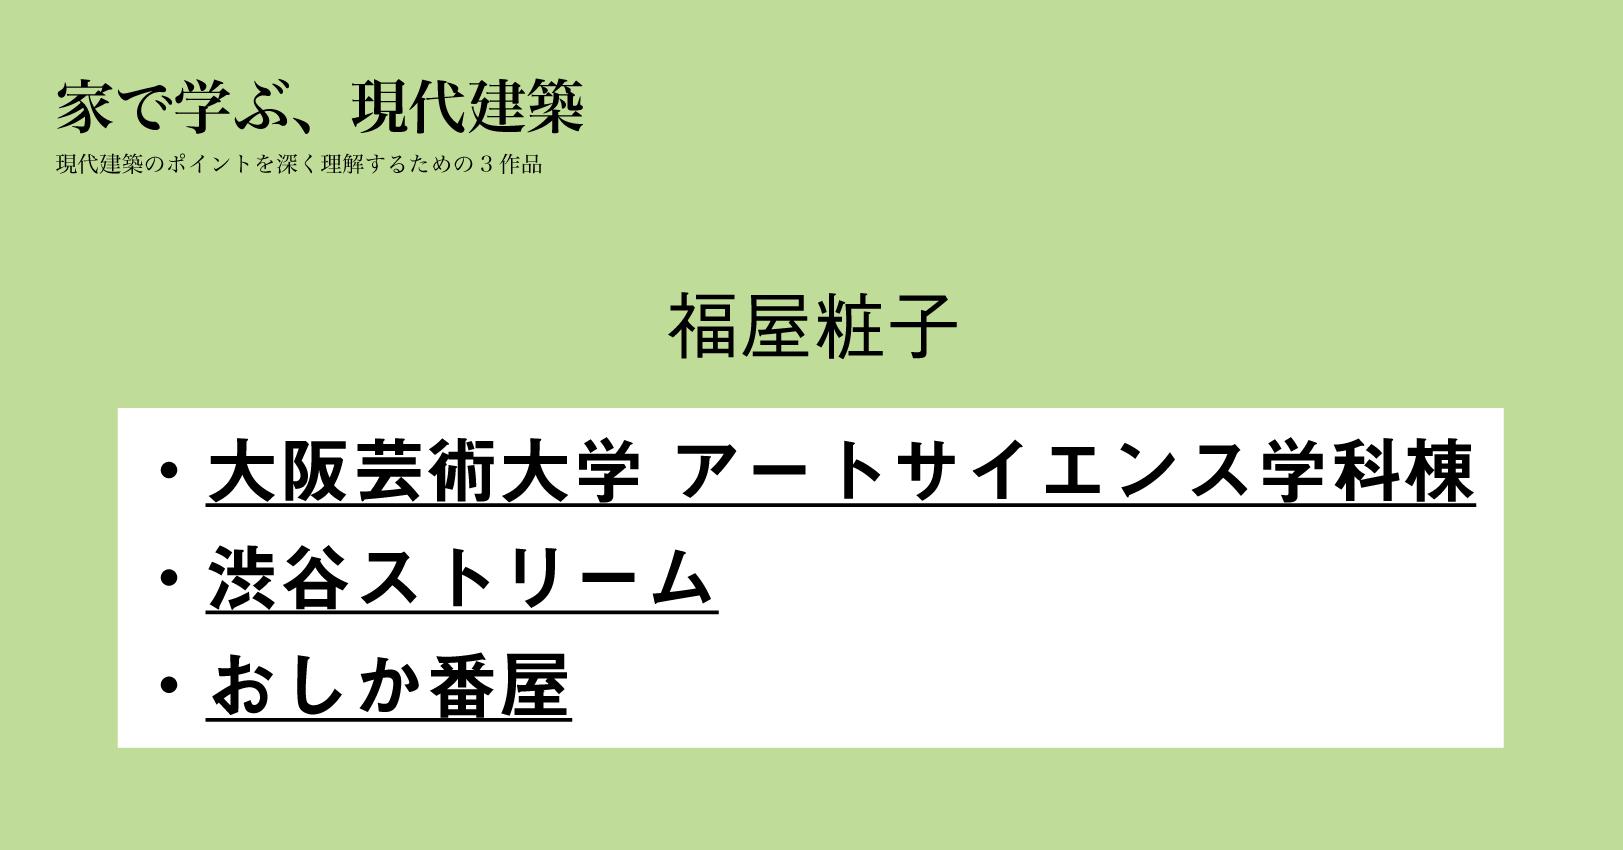 大阪芸術大学 学科